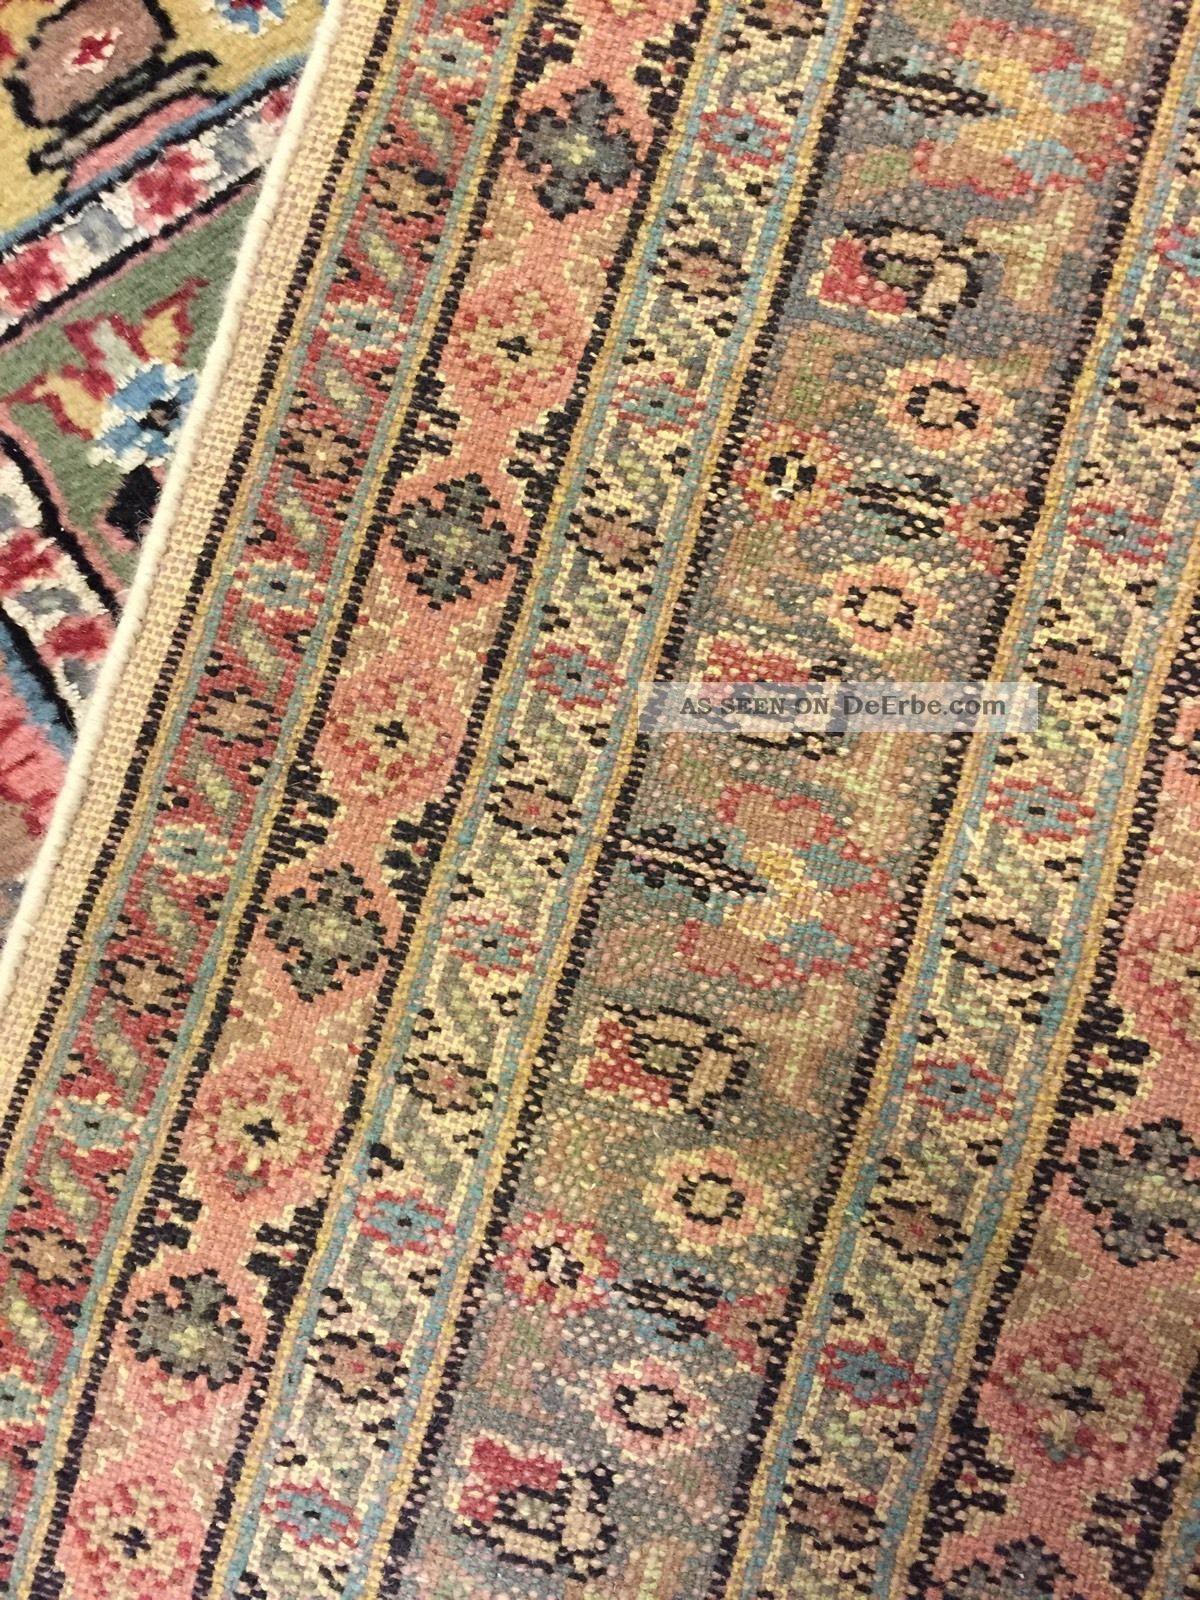 Orientteppich, Teppich, Rug, Kashmir Mit Seide 310×214